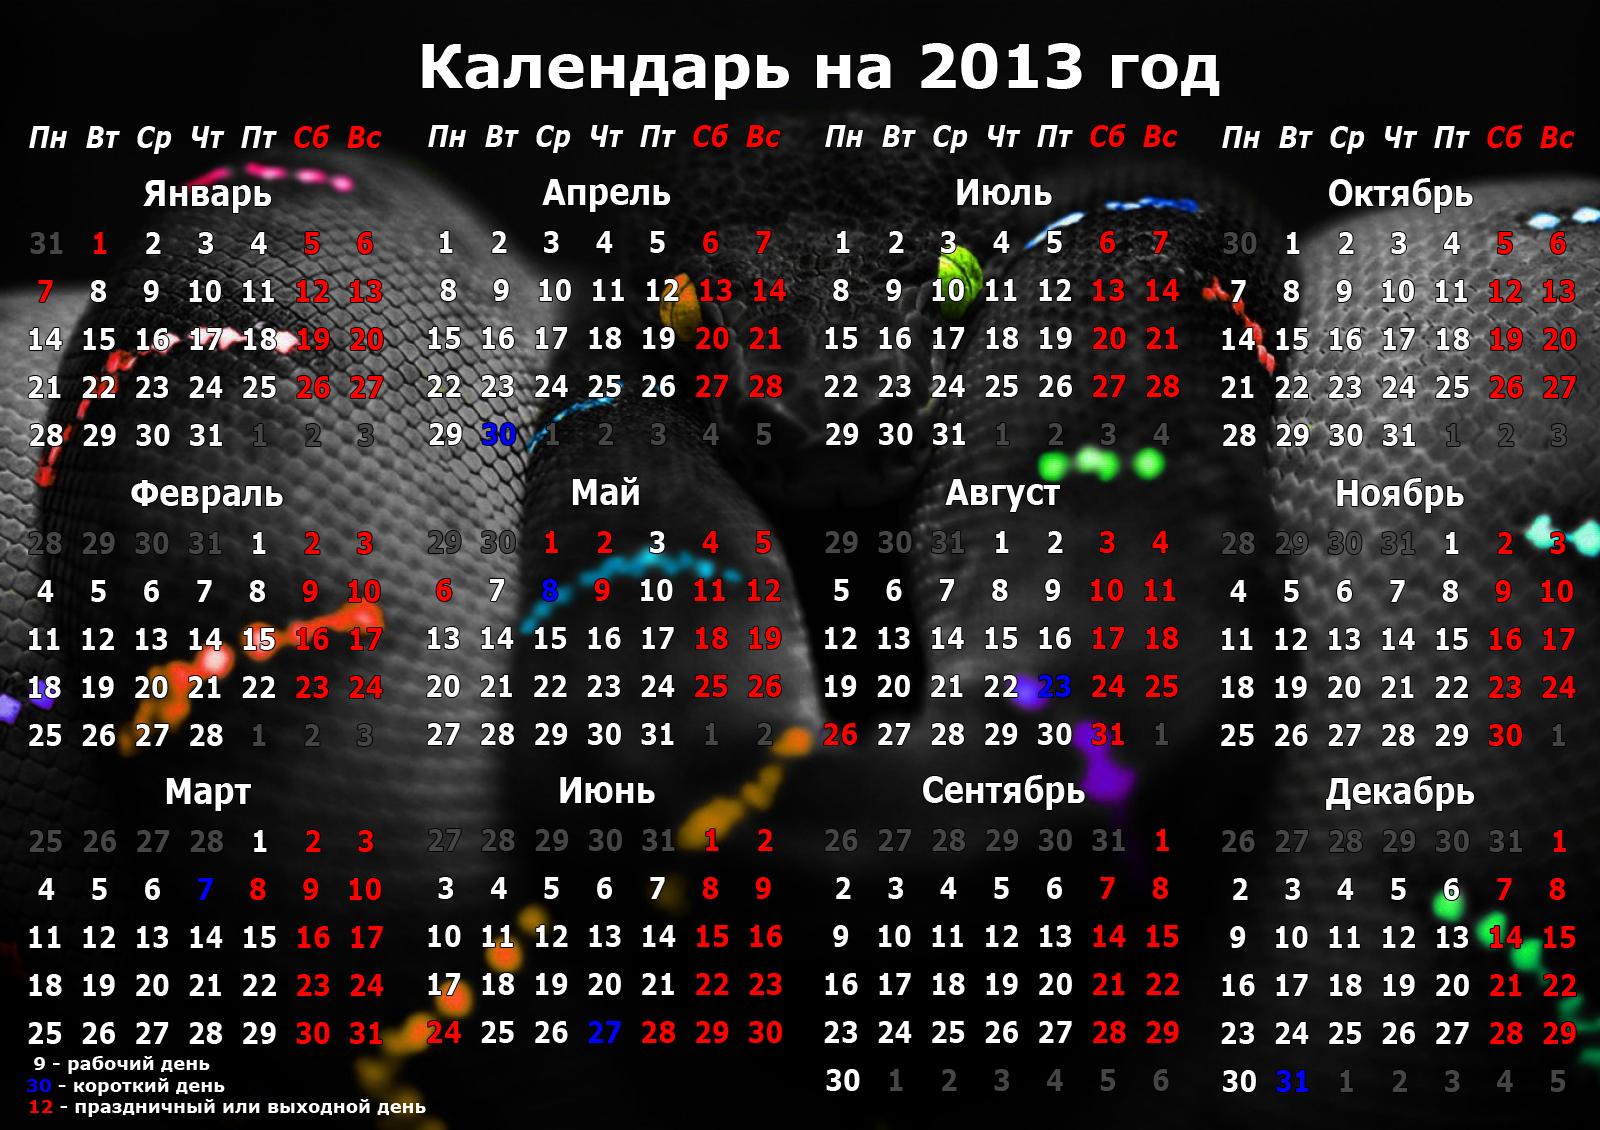 Скачать и распечатать календарь 2013 с